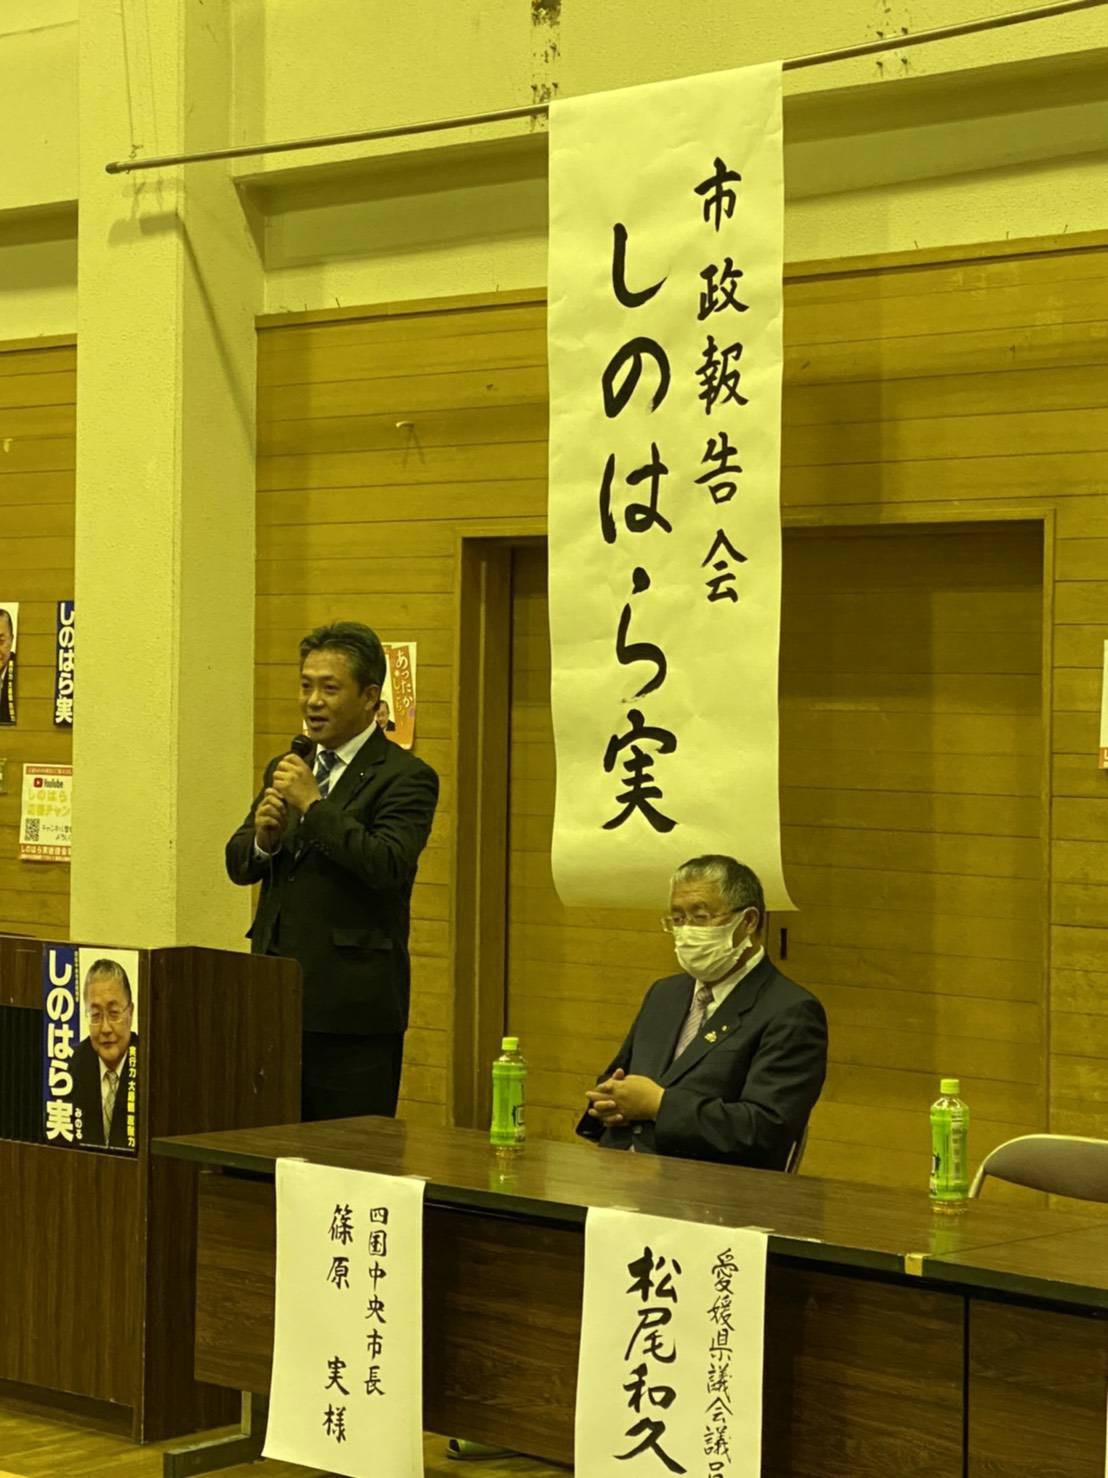 がんばれ篠原実市長!